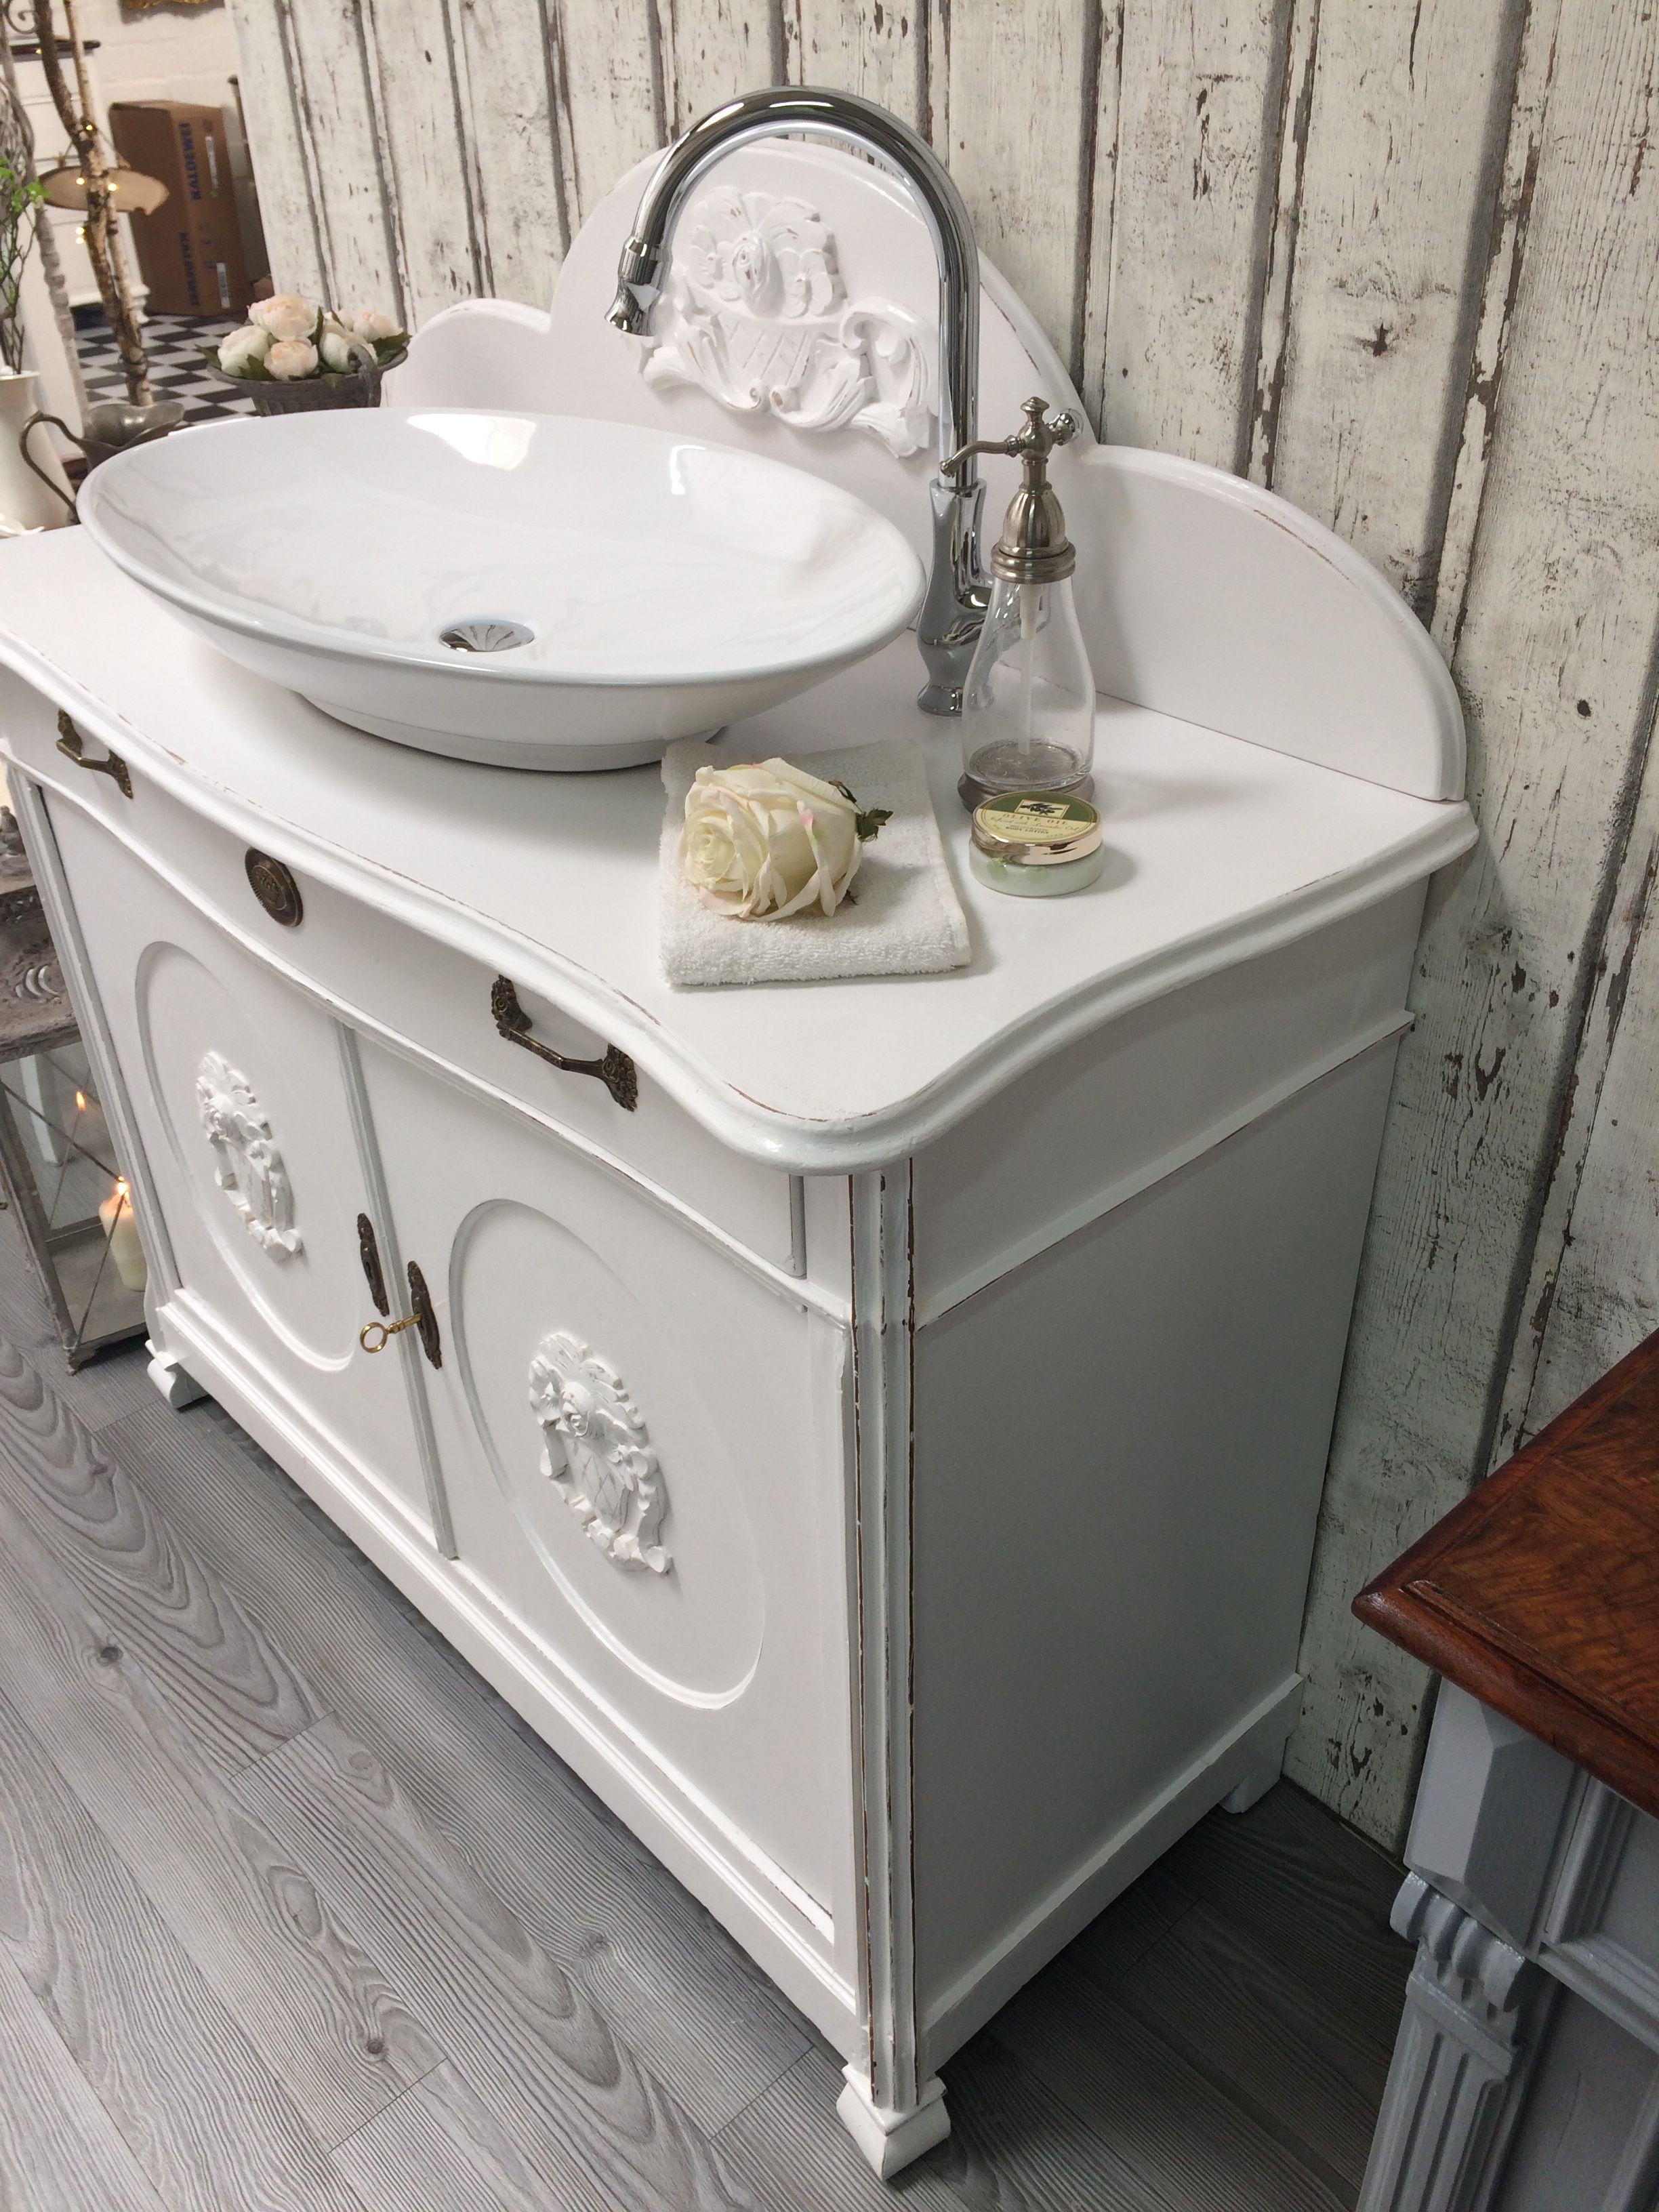 Land Liebe BadmÖbel Romantischer Waschtisch So Eine Waschkommode Verwandelt Jedes Badezimmer In Ein Shabby Chic Zimmer Shabby Chic Badezimmer Waschtisch